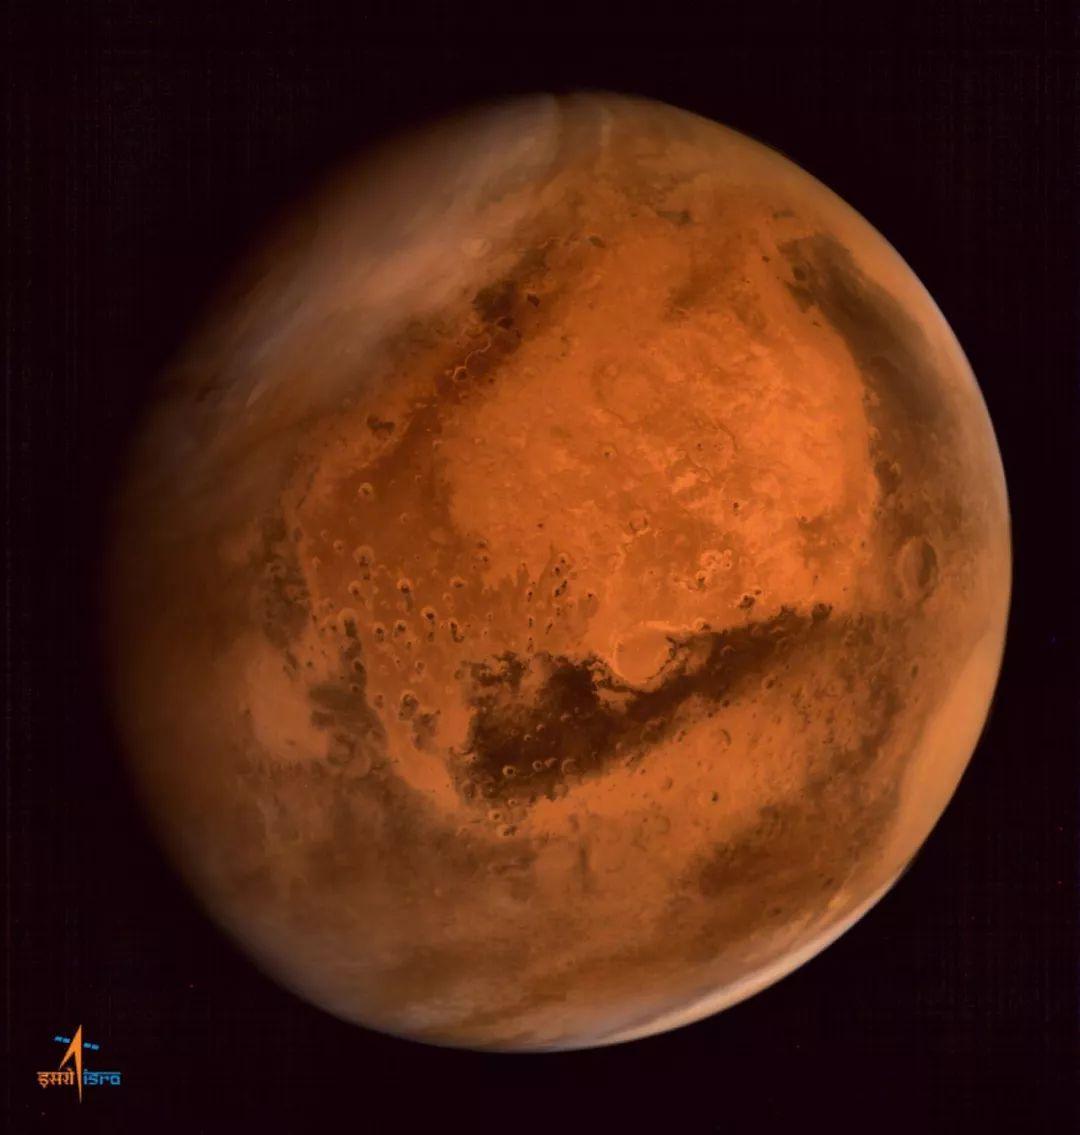 下一个十年,人类会登上火星吗?